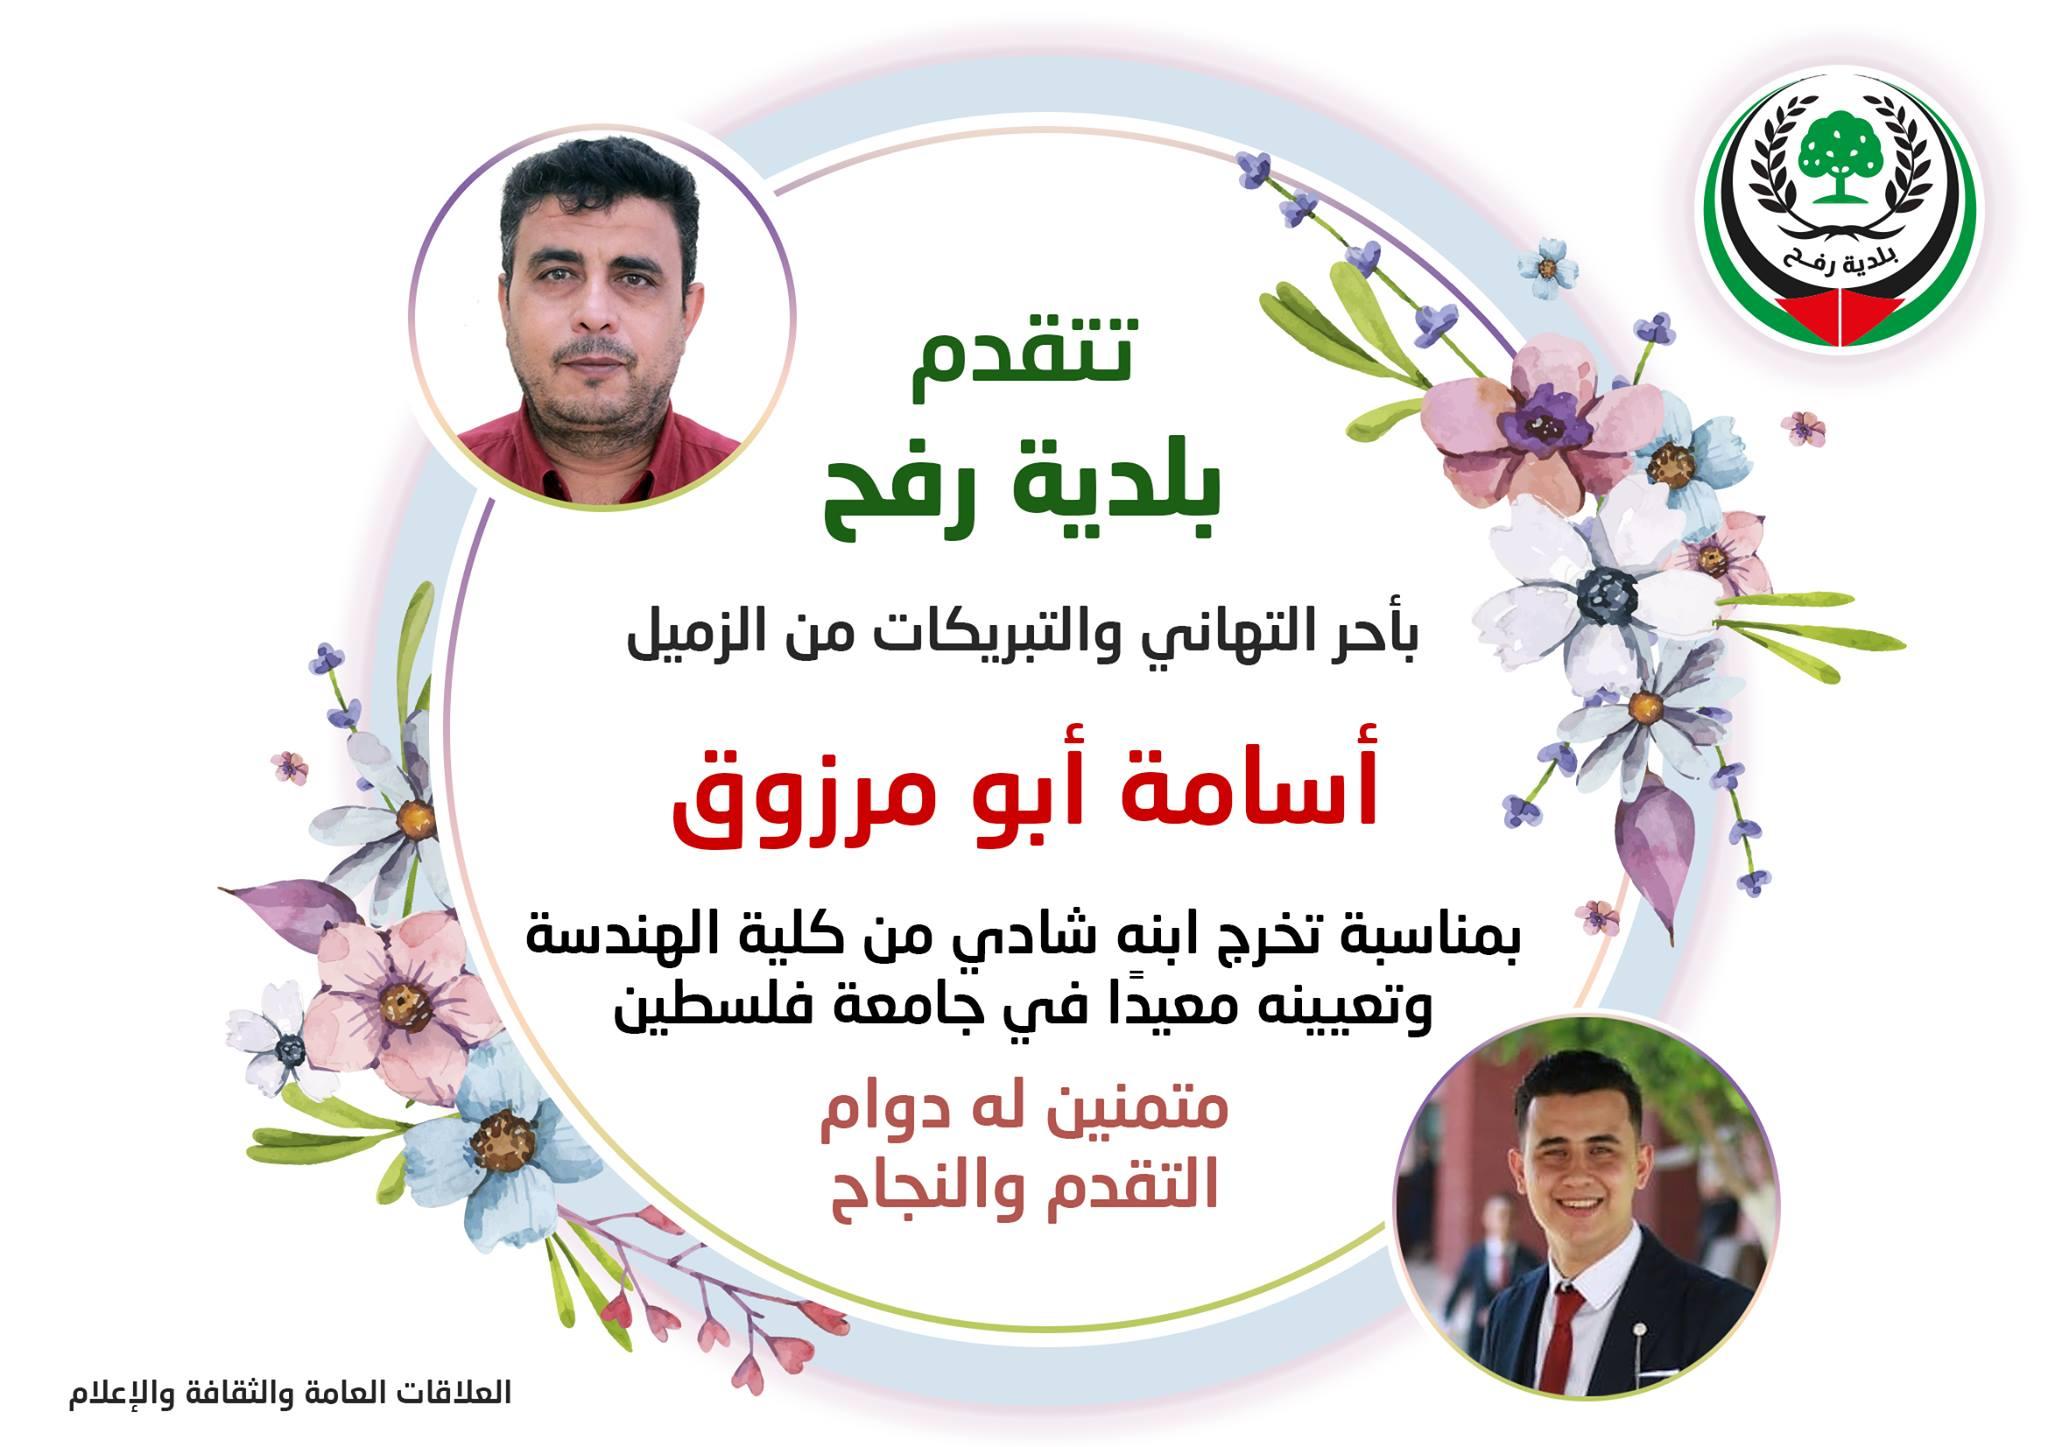 تهنئة للزميل أسامة أبو مرزوق بتخرج ابنه